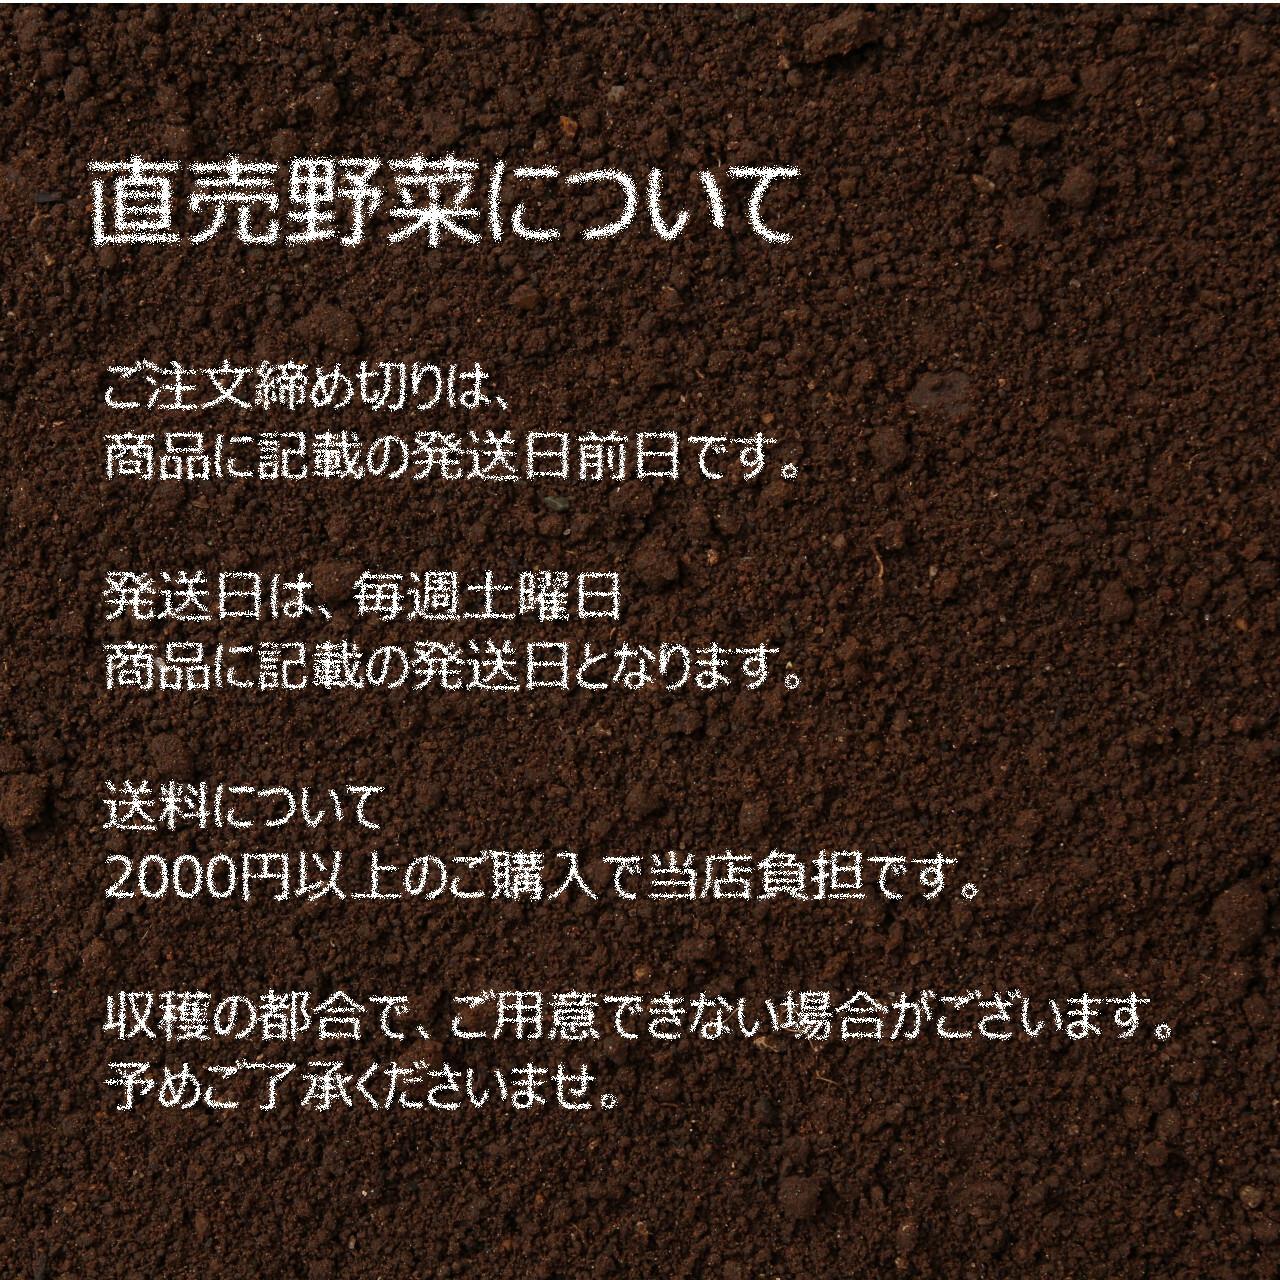 こごみ 約100g 朝採り直売野菜 山菜 新鮮な春野菜 4月25日発送予定